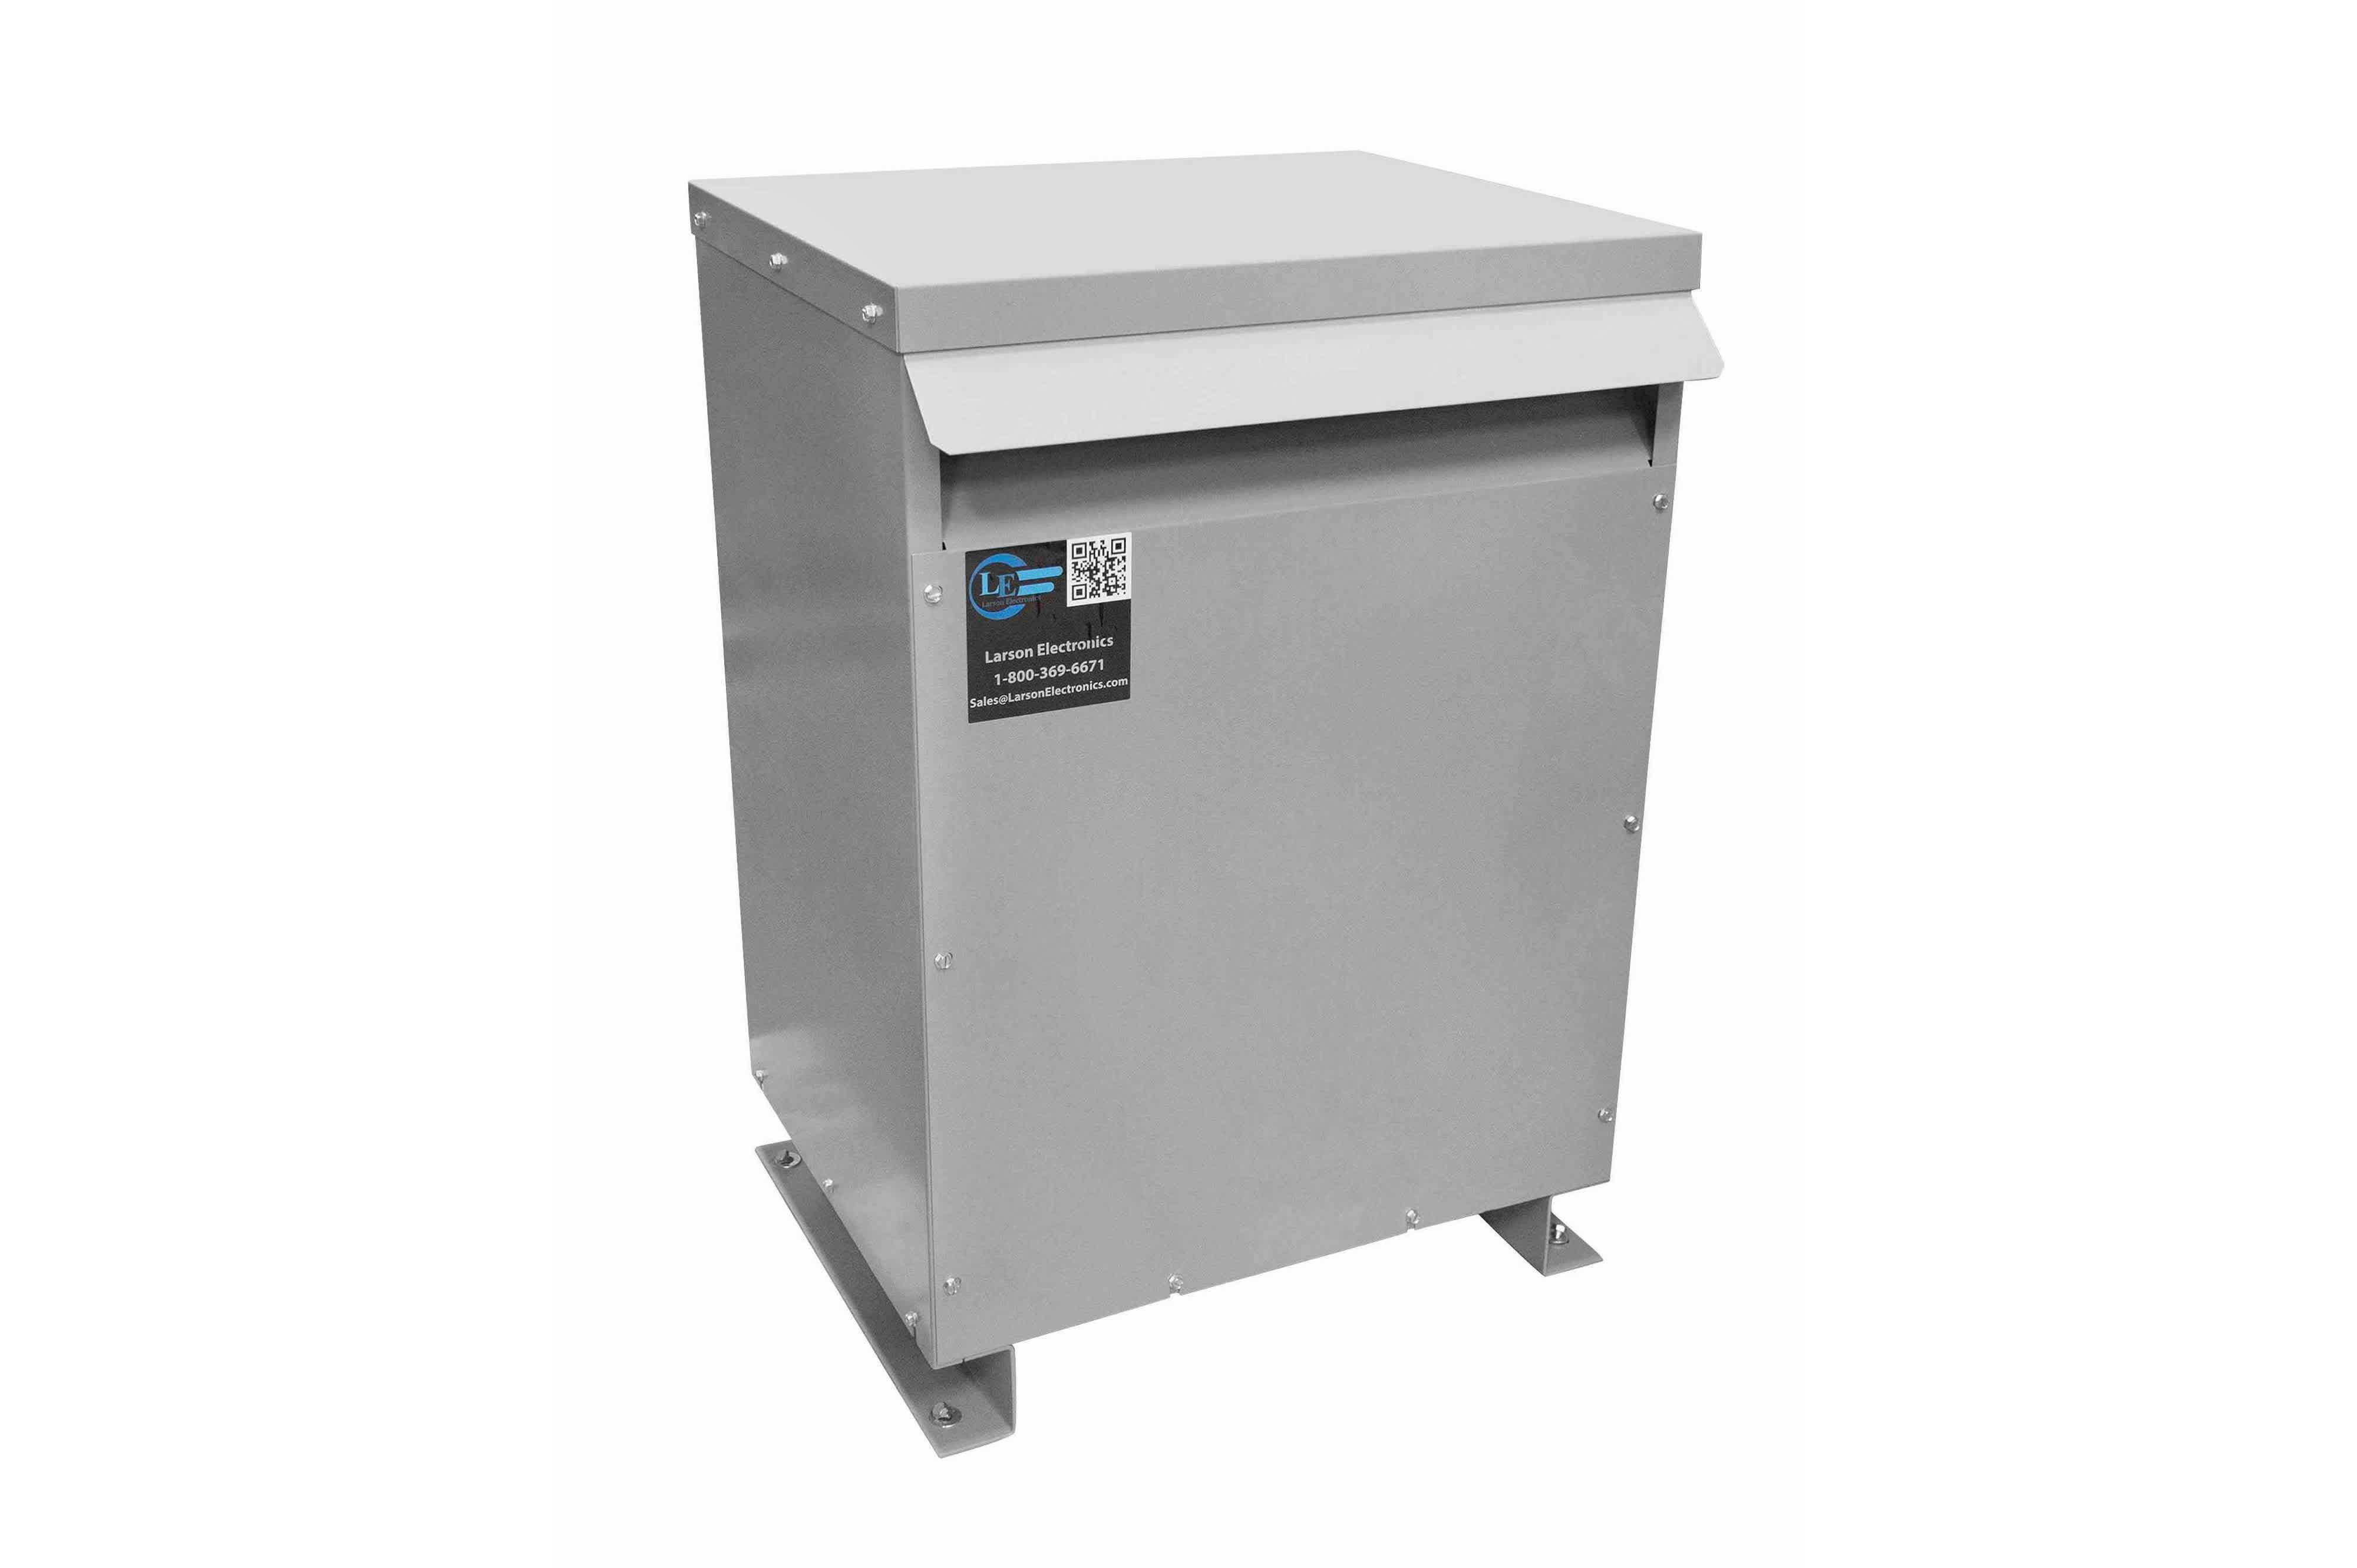 225 kVA 3PH DOE Transformer, 380V Delta Primary, 240V/120 Delta Secondary, N3R, Ventilated, 60 Hz